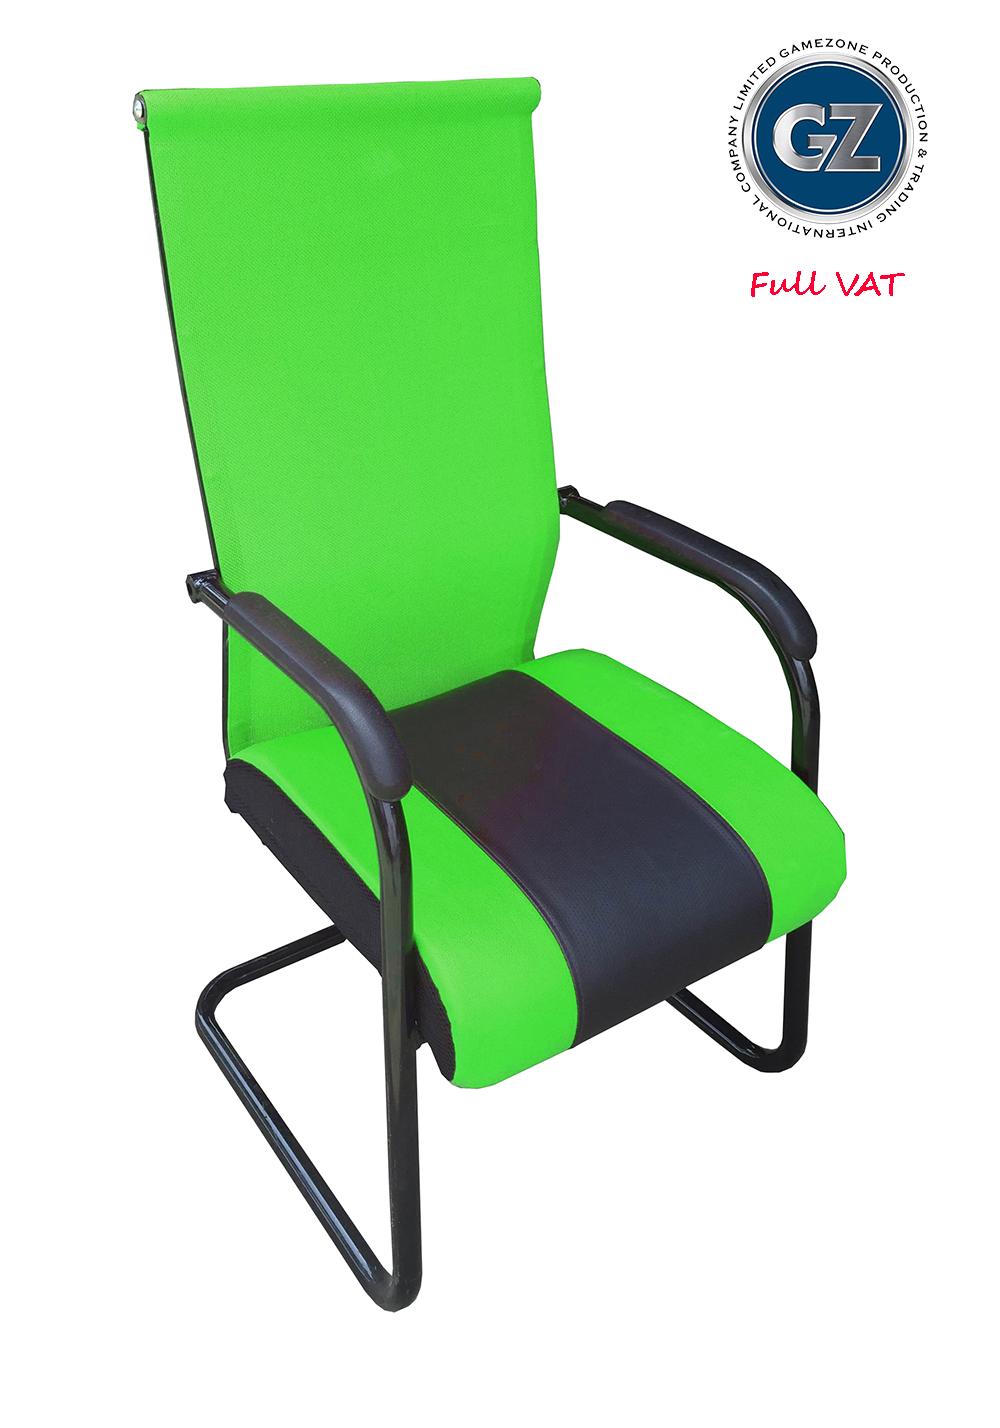 Ghế Quán Net - GZ C300 - màu xanh ( Ghế lưới - Khung sắt sơn tĩnh điện cao cấp )